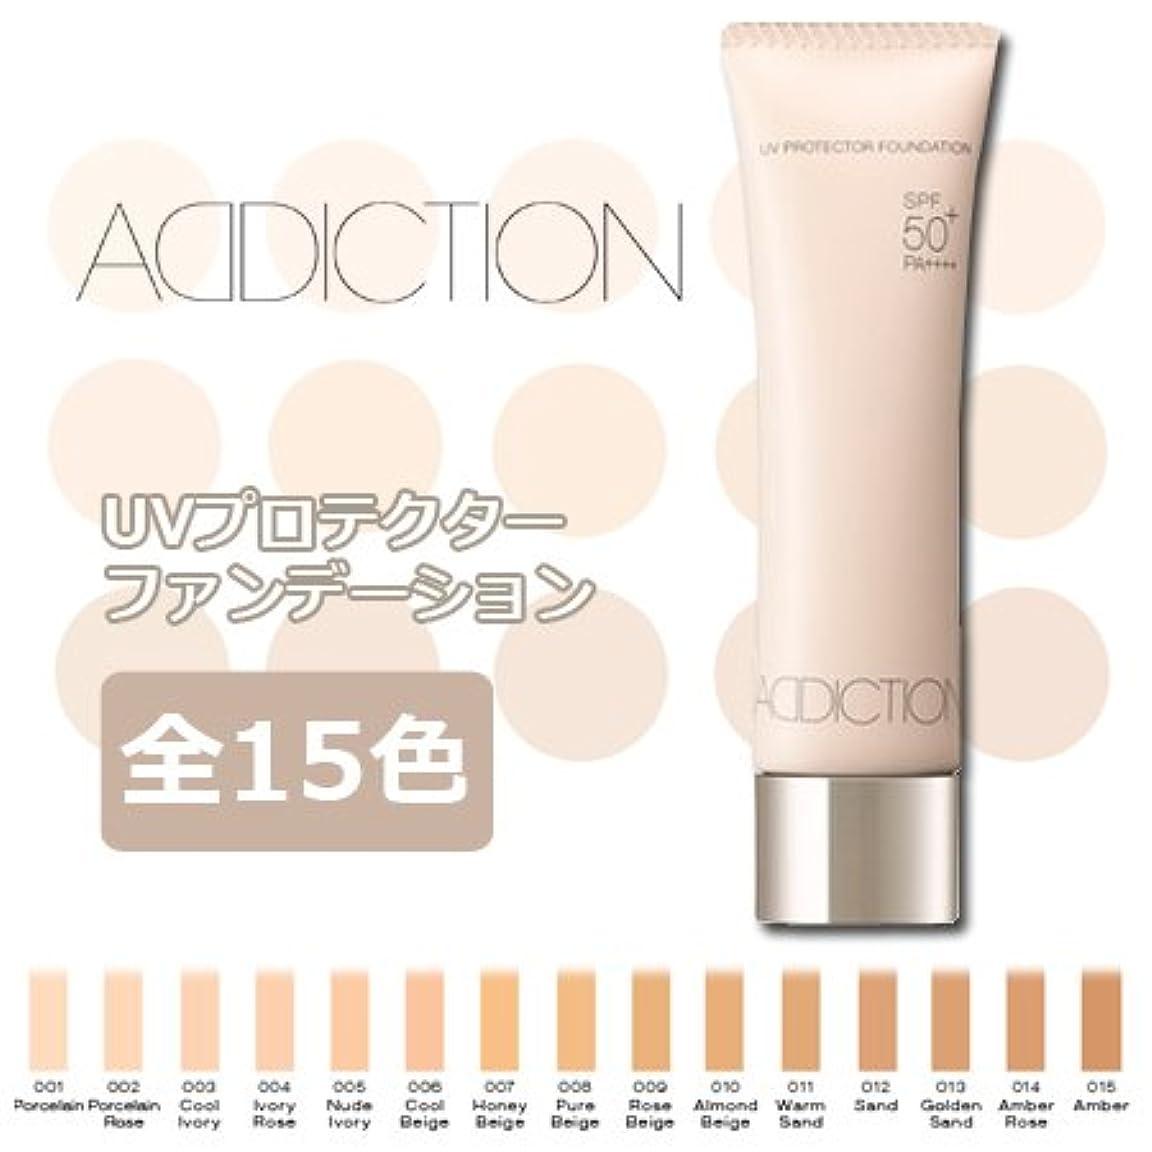 適度な効果的に首アディクション UVプロテクター ファンデーション 全15色 -ADDICTION- 【国内正規品】 007